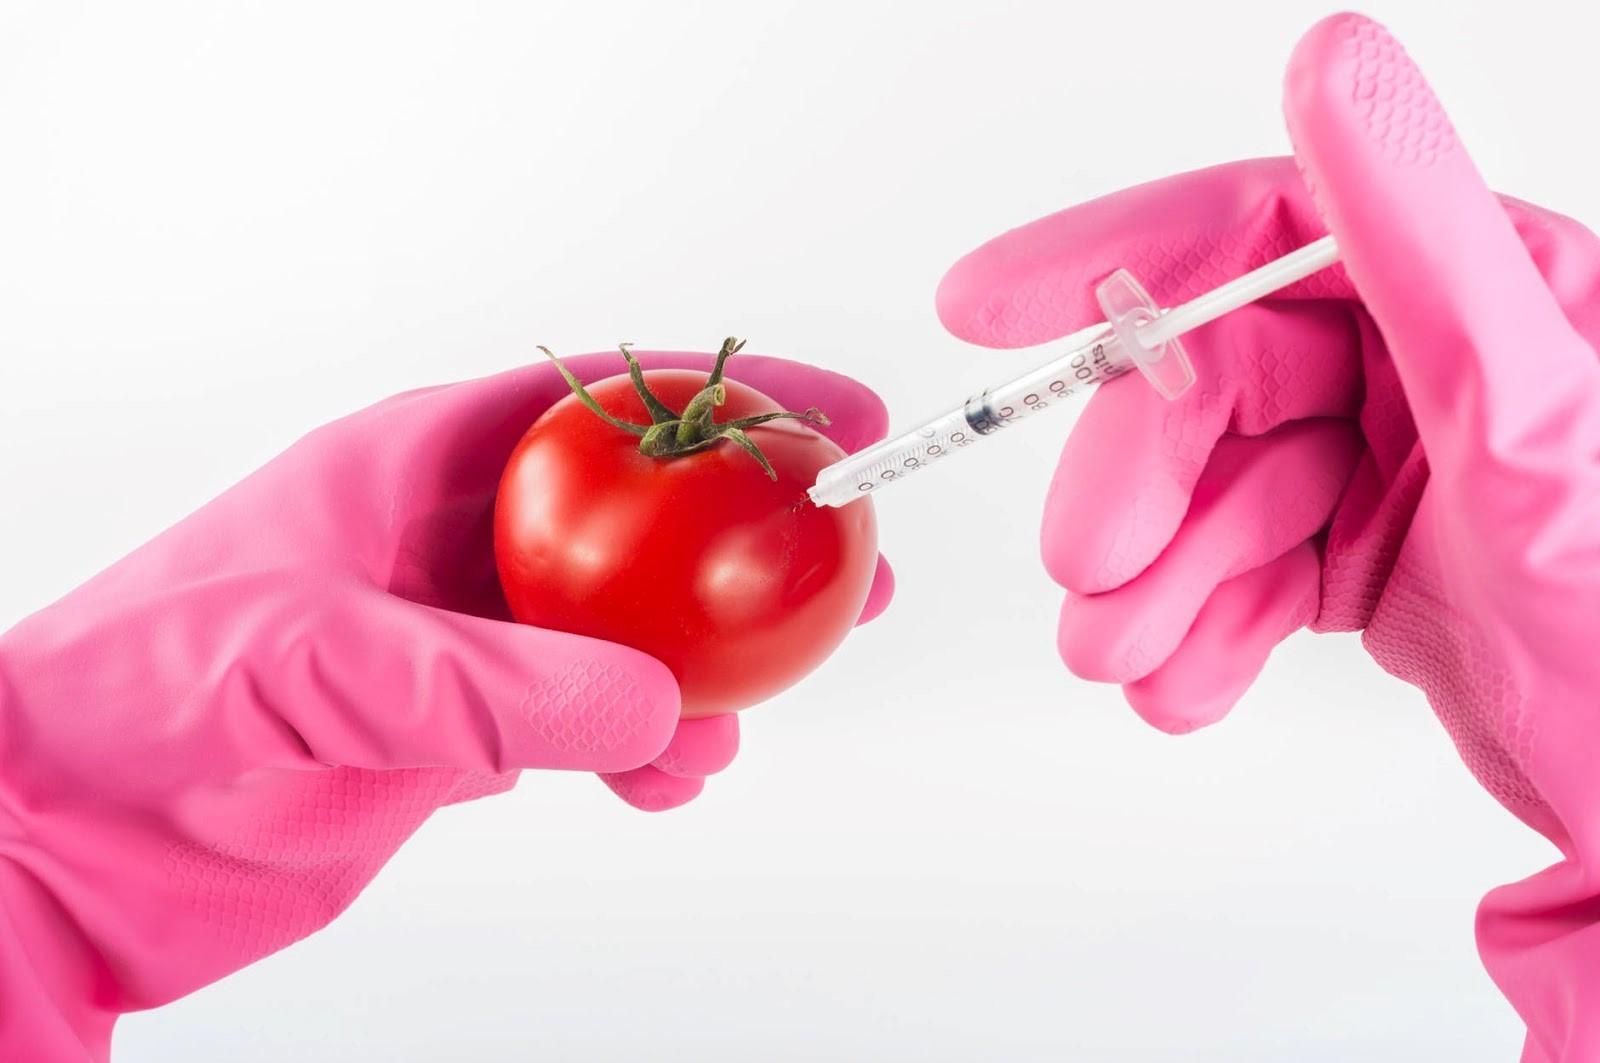 肌肉注射的部位_【糖尿病知識】如何使用胰島素筆針(筆型胰島素職注射器)